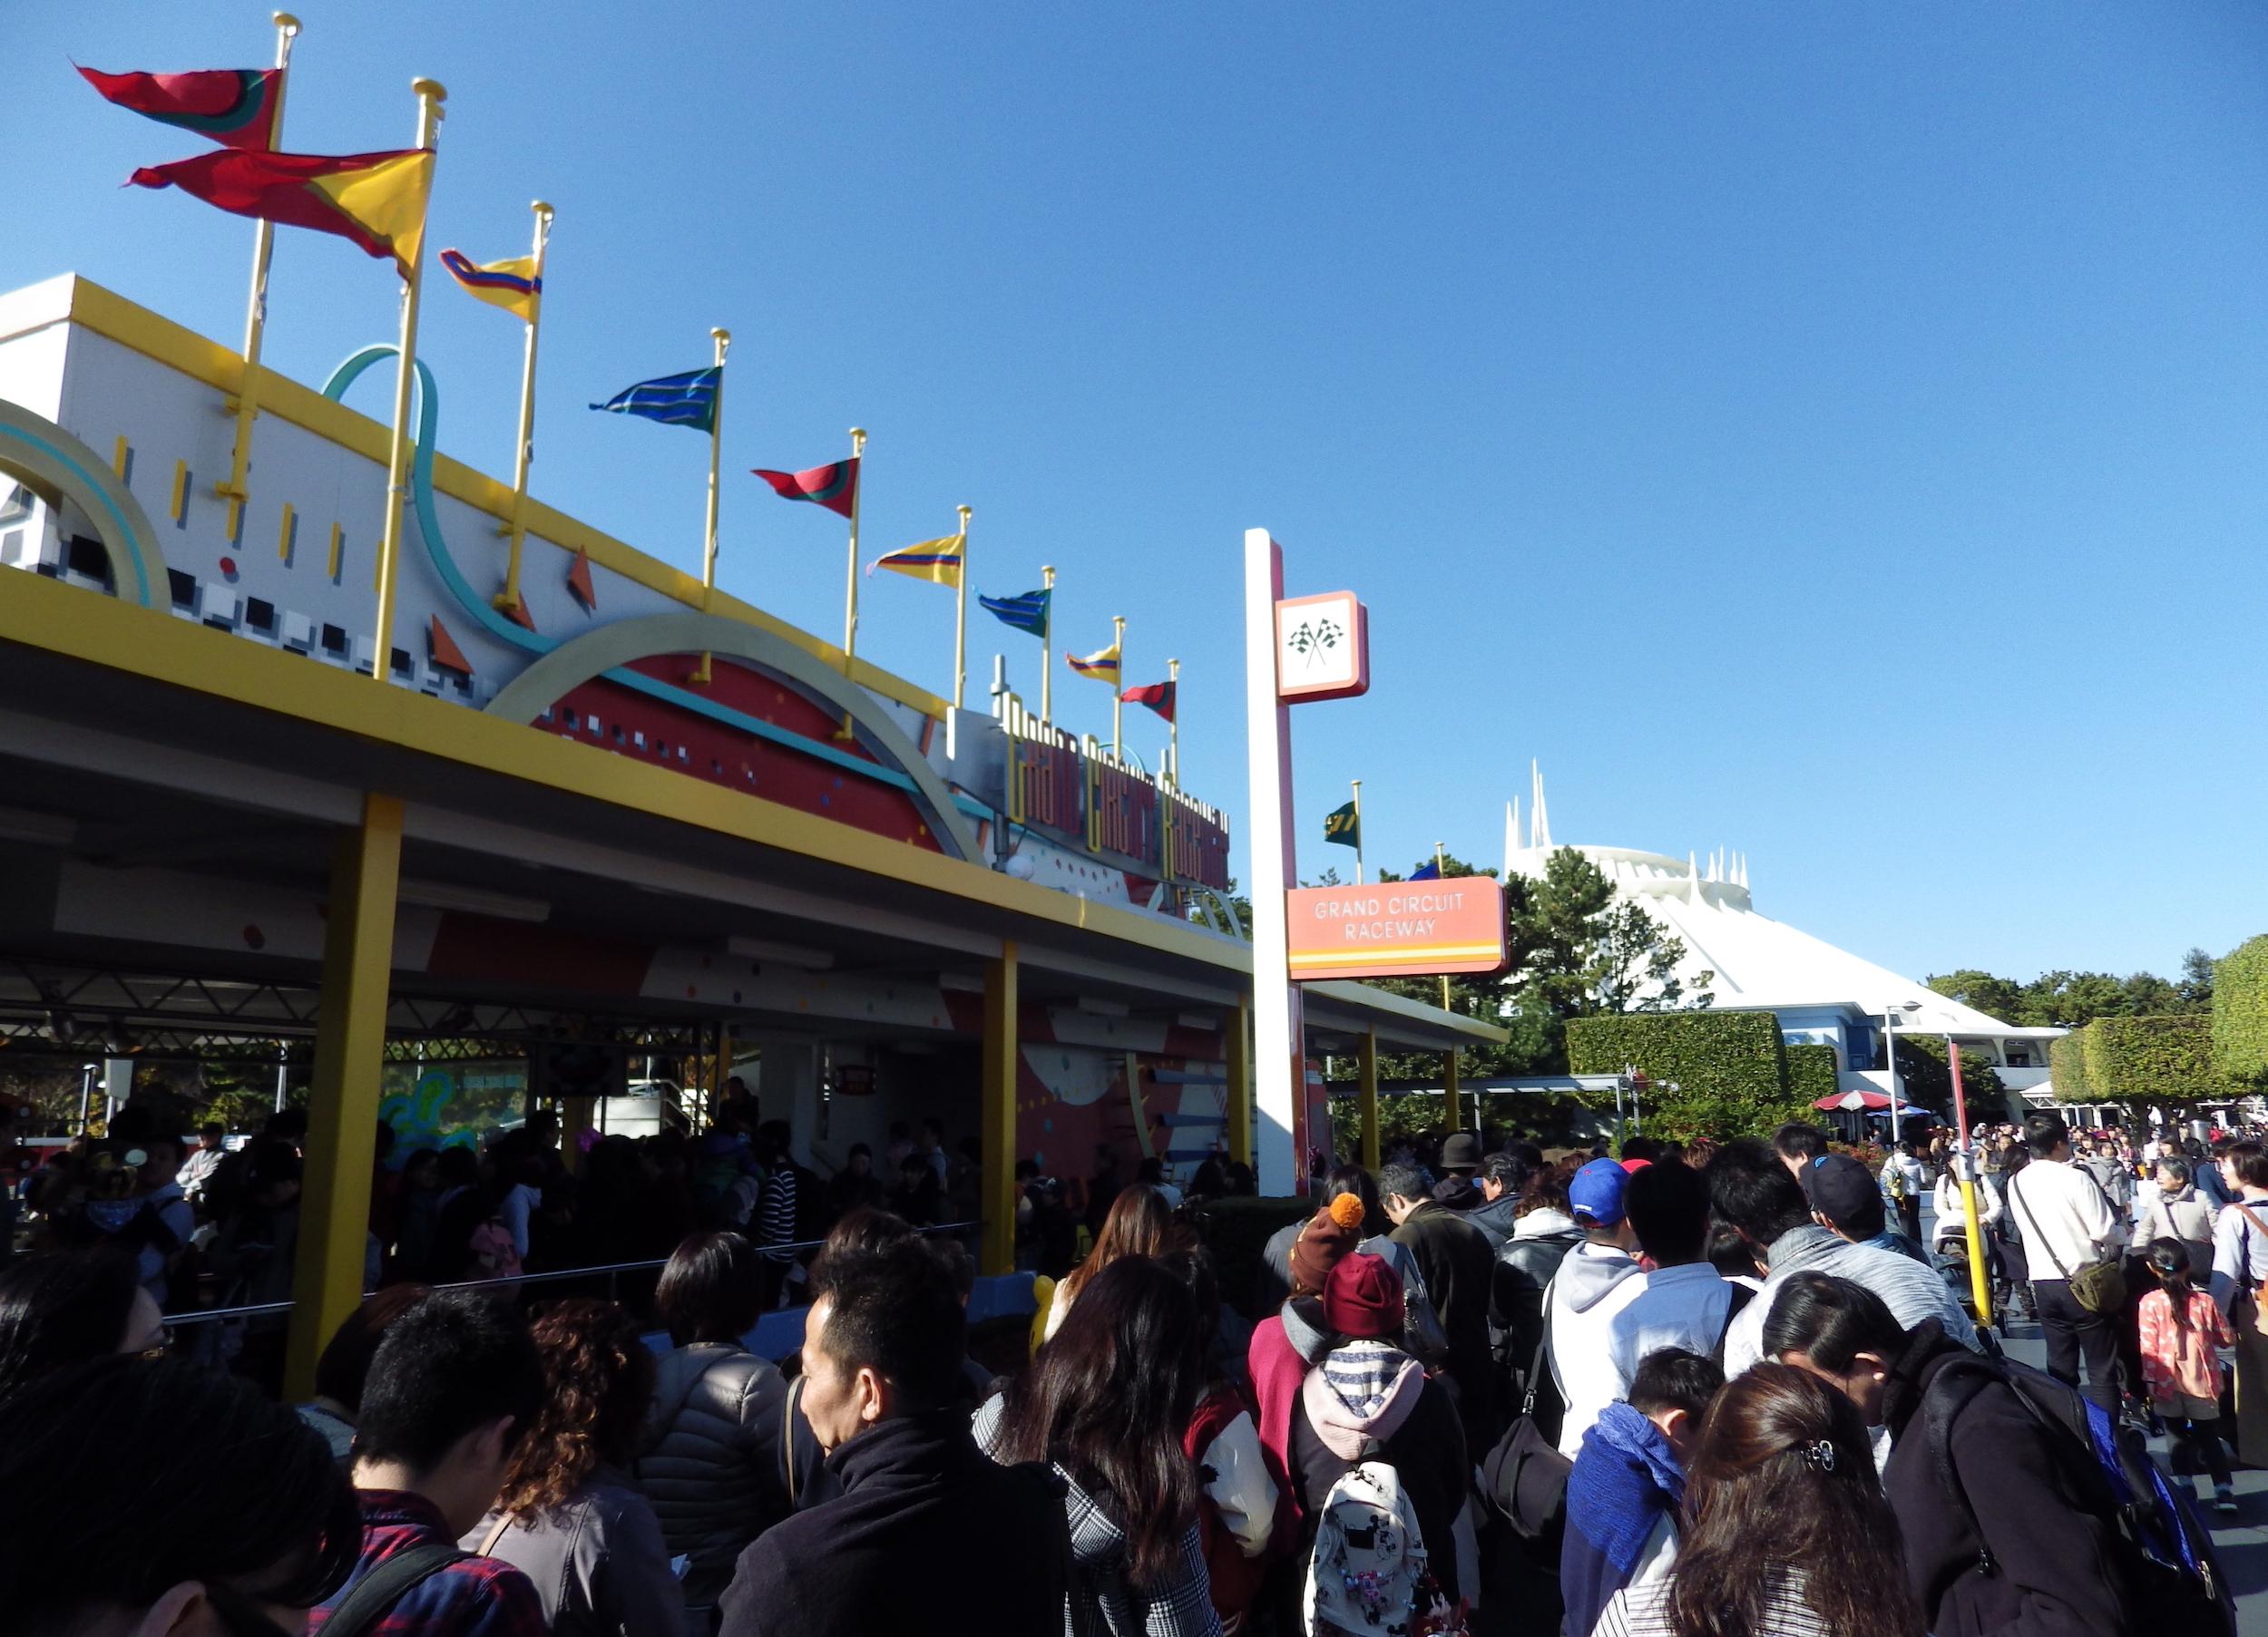 Old_TDL_Tomorrowland_003_13x18.jpg